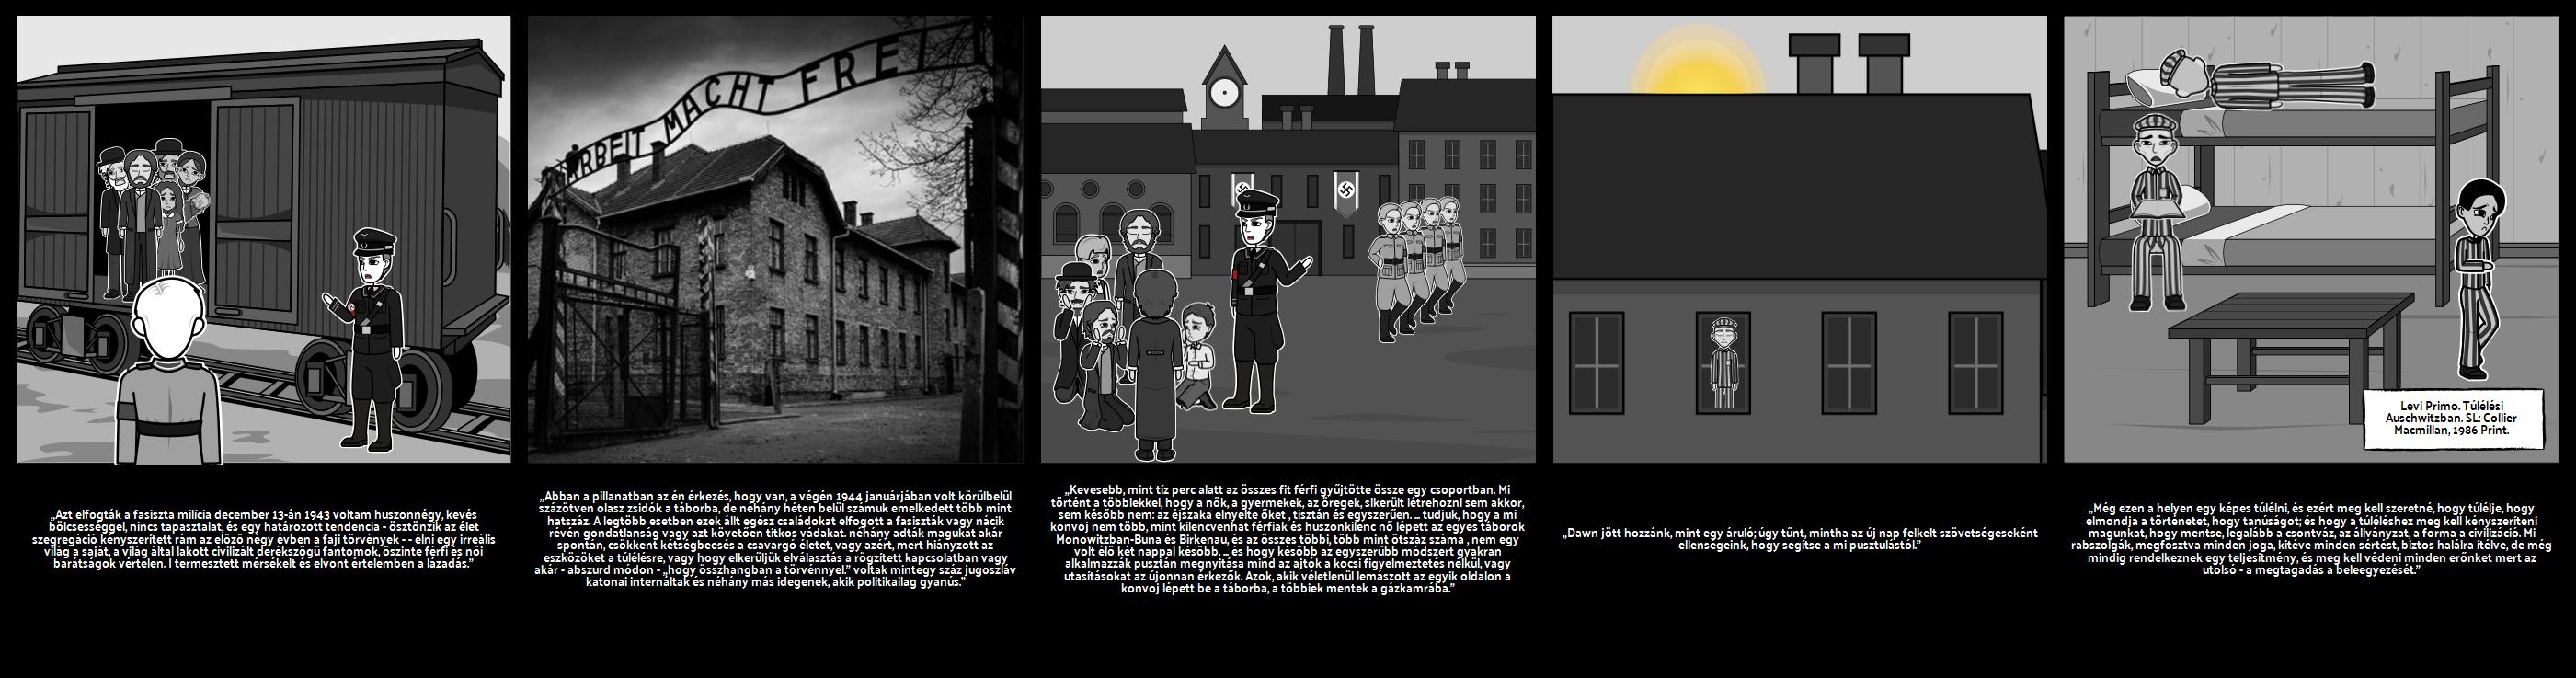 A Története a Holokauszt - a Holokauszt Áldozataira: Primo Levy